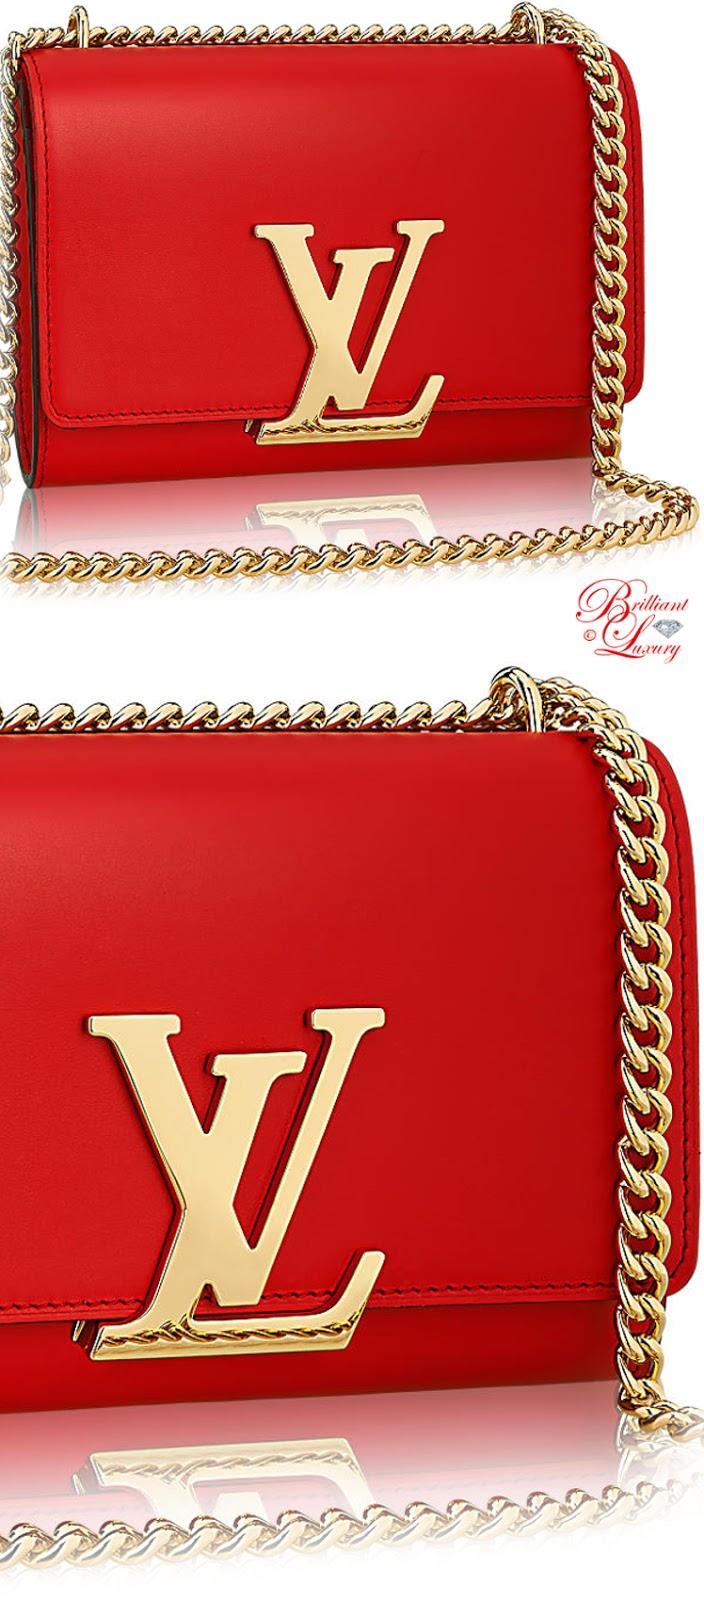 Brilliant Luxury ♦ Louis Vuitton Chain Louise MM Bag